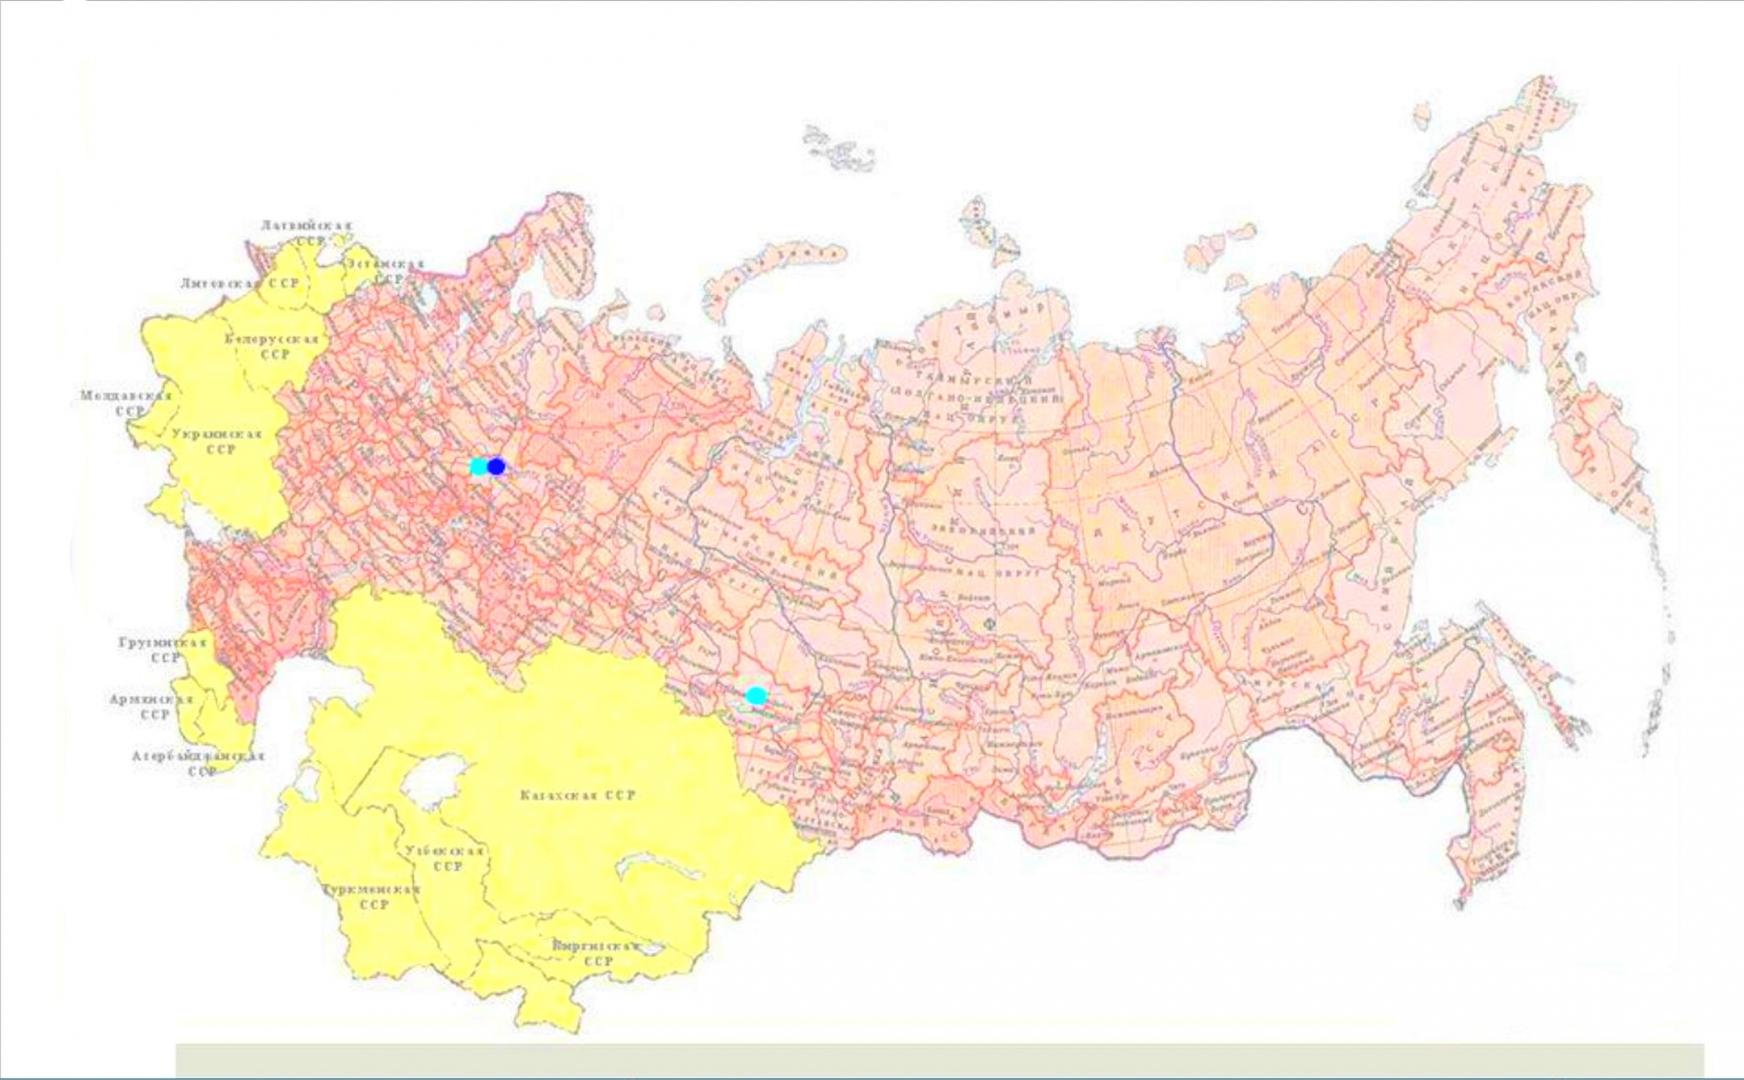 Рис. 4. Оставшиеся биотехнологические производства в РФ на 2010 год